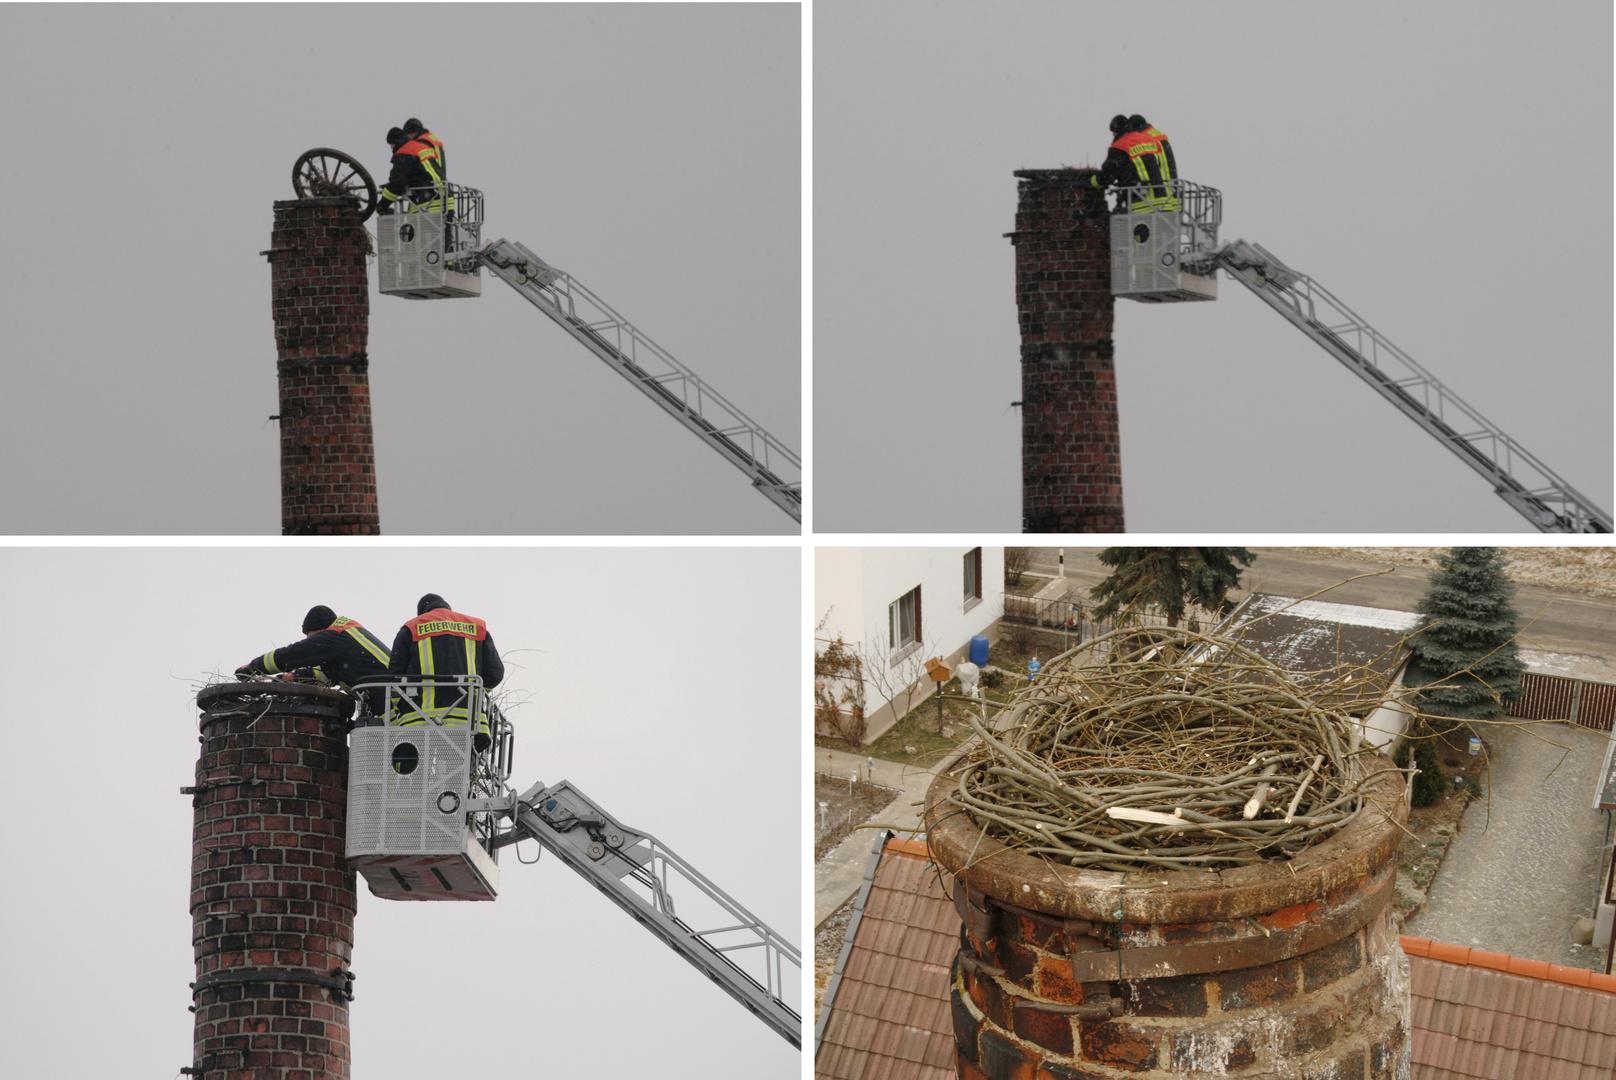 Die Feuerwehr wirds schon richten